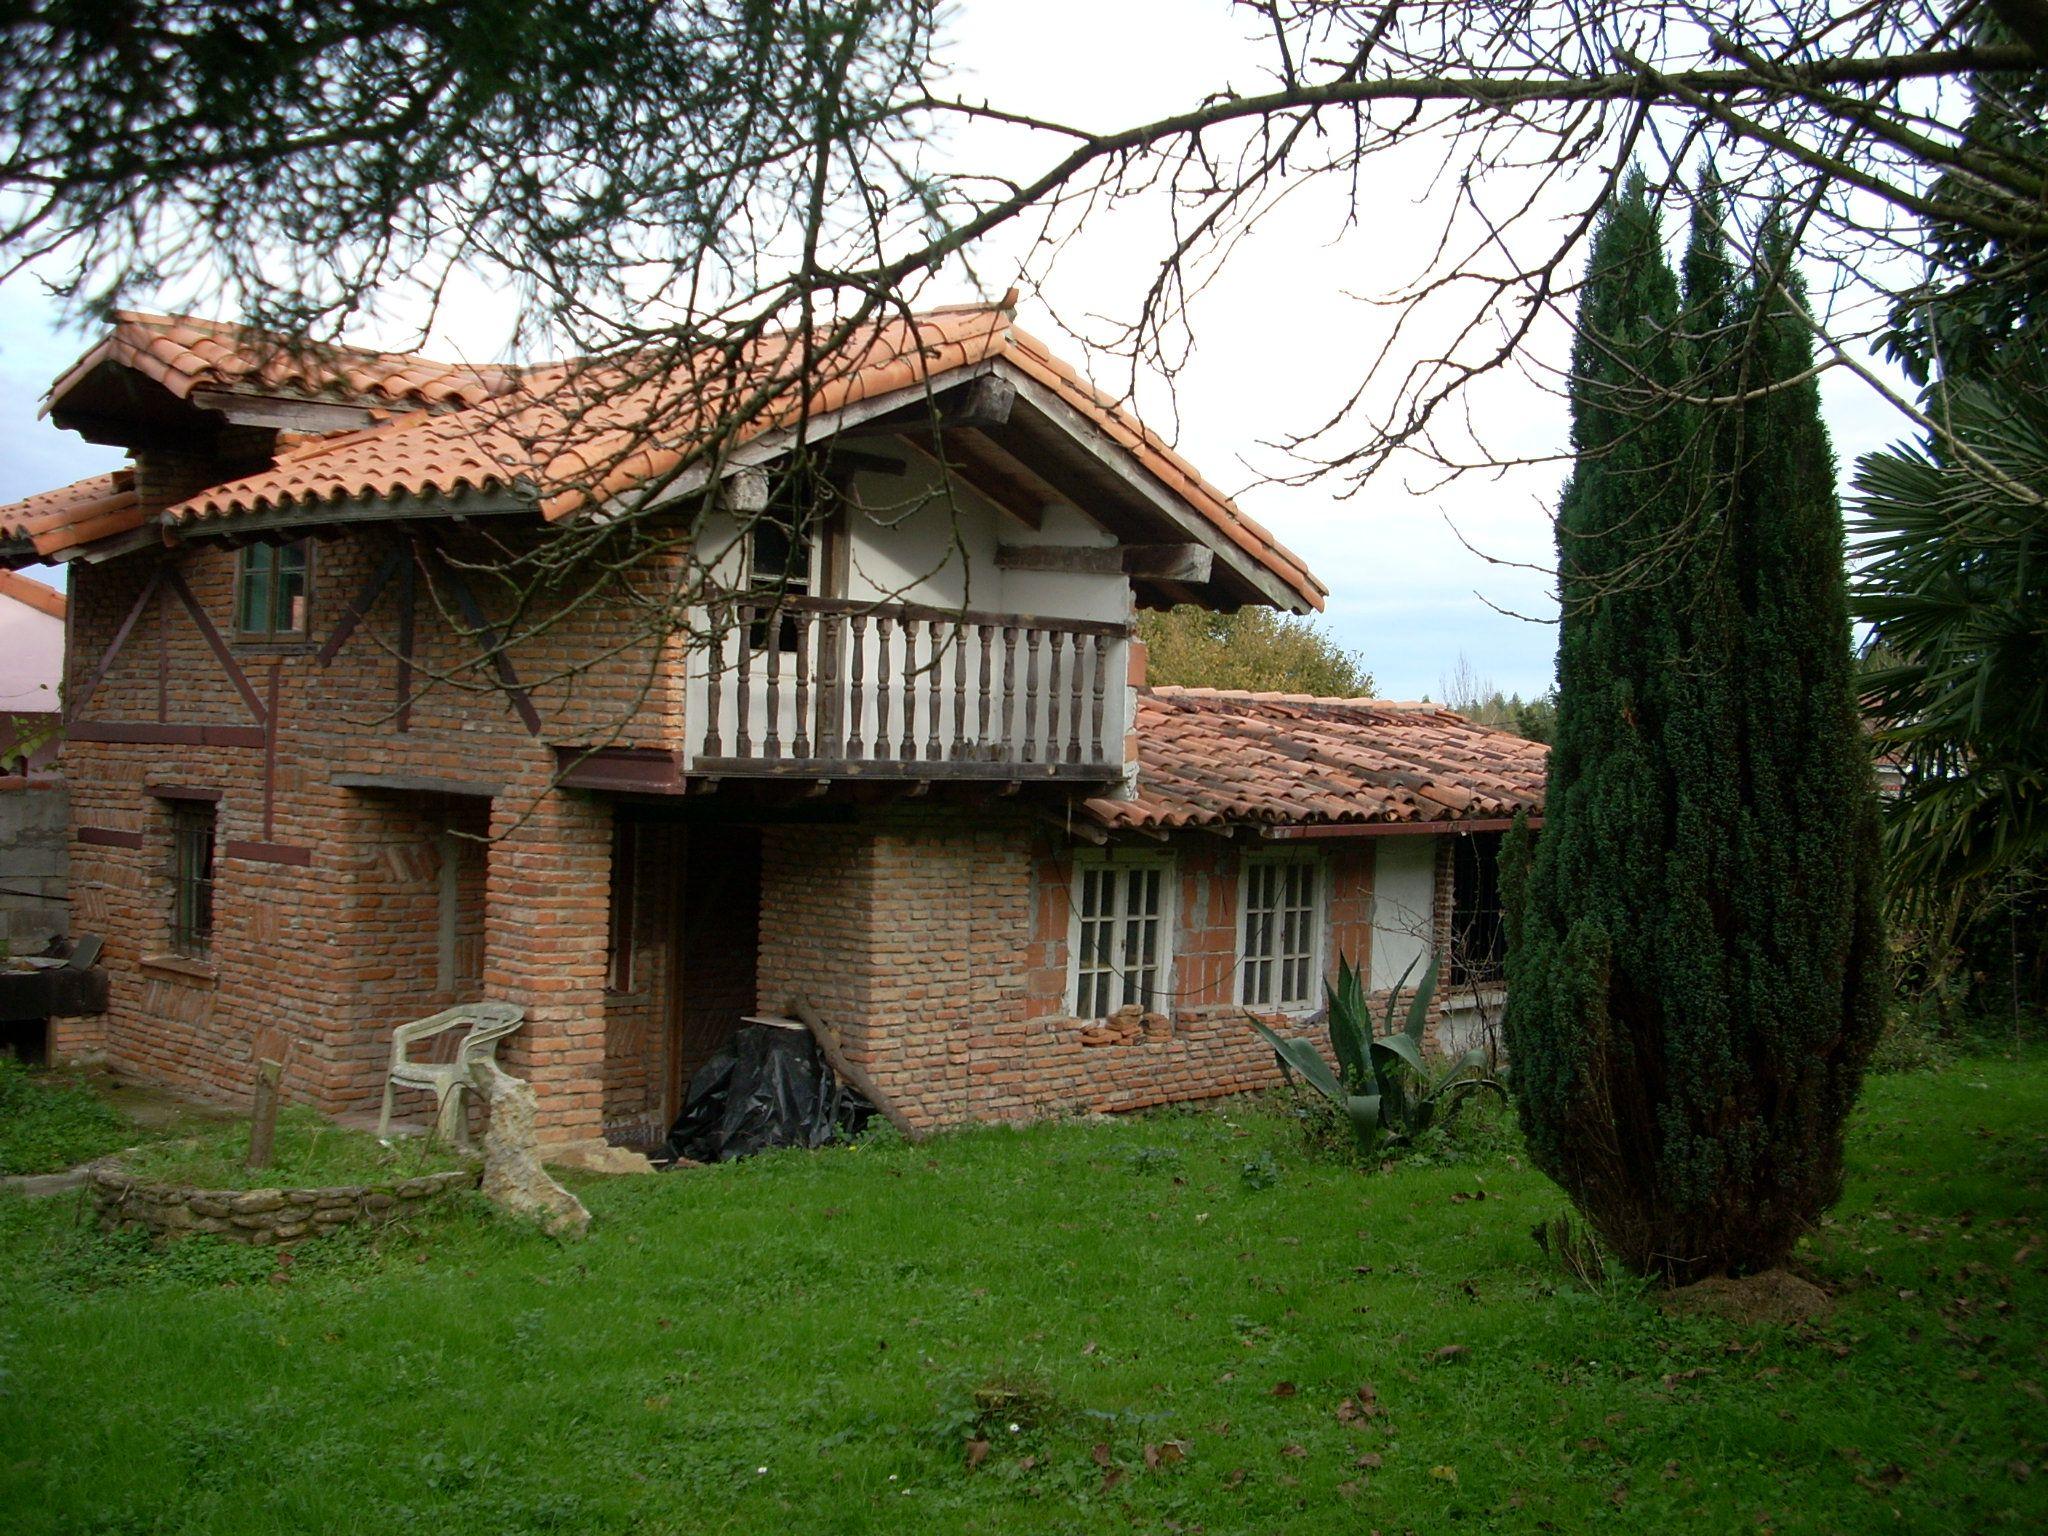 Casa rustica anuncios clasificados gratis en cantabria - Casas gratis en pueblos de espana ...